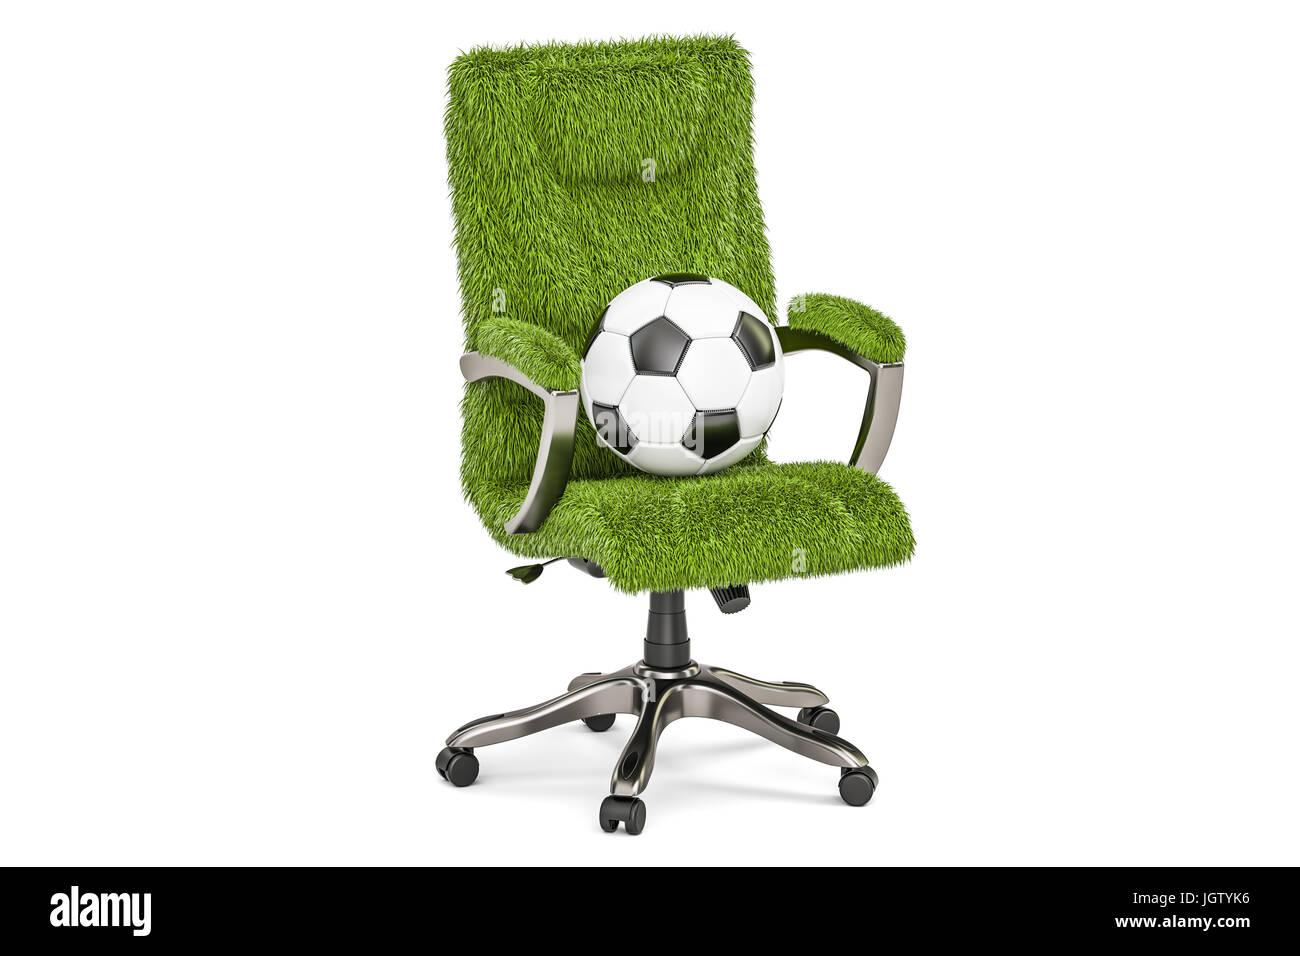 Una Silla Fútbol Oficina Concepto3d Con Grassy Pelota De k8wXNOnP0